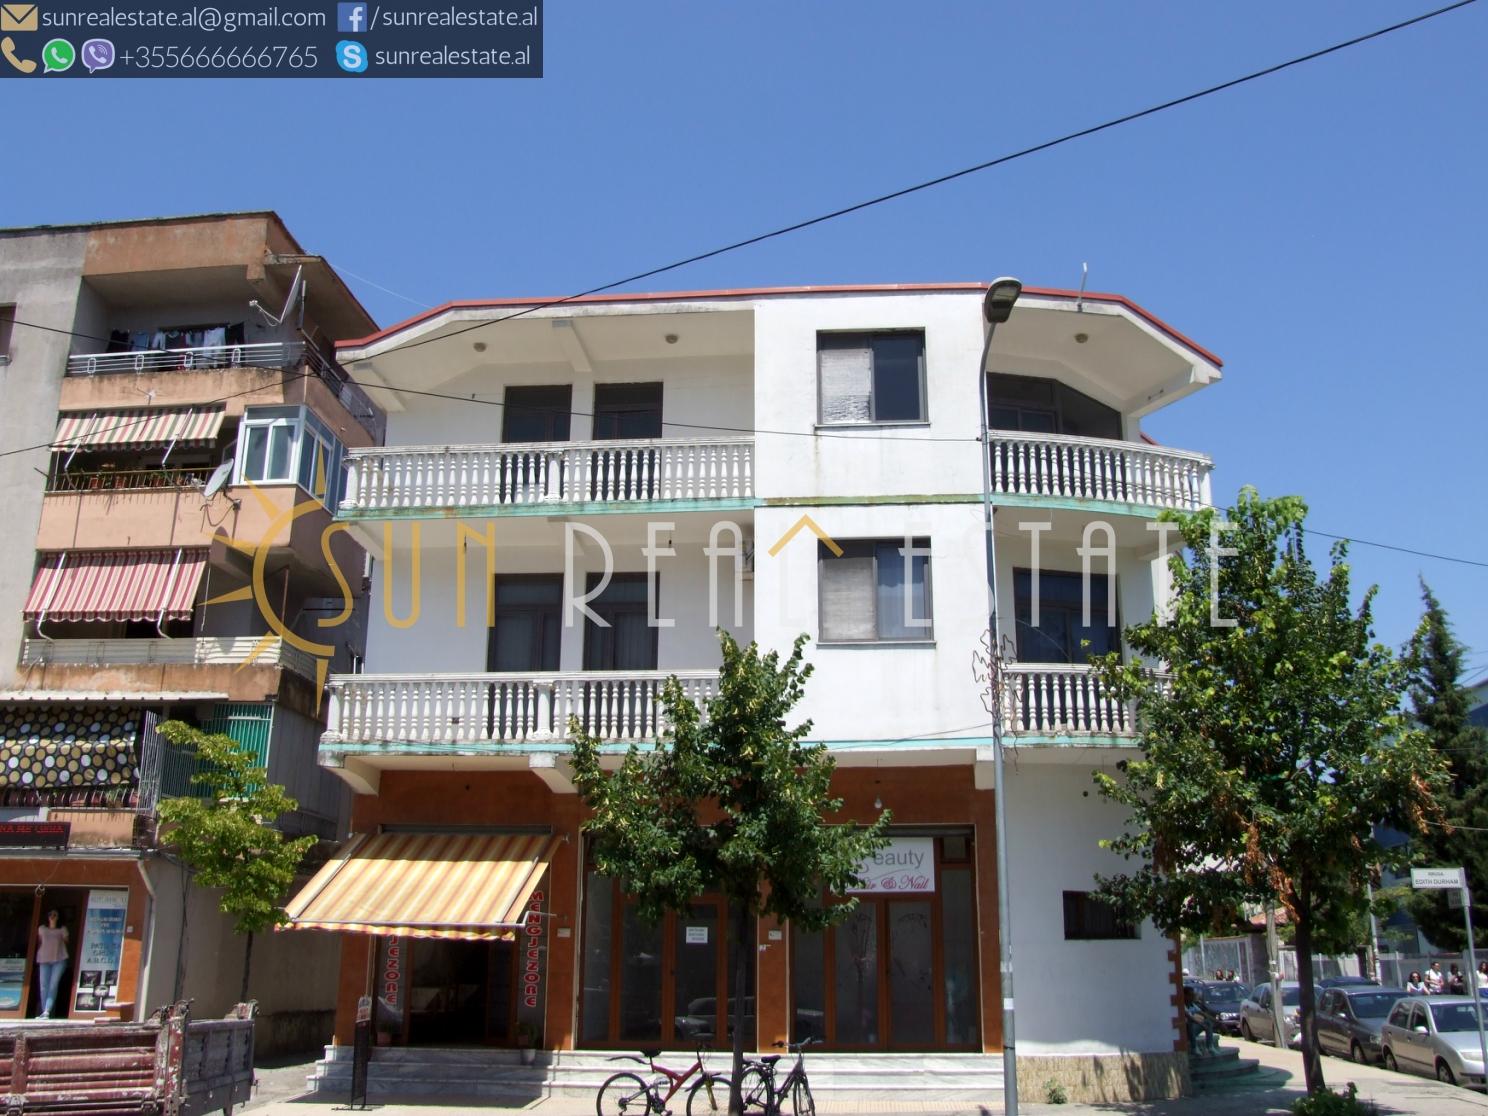 Shtëpi private në shitje në Perash